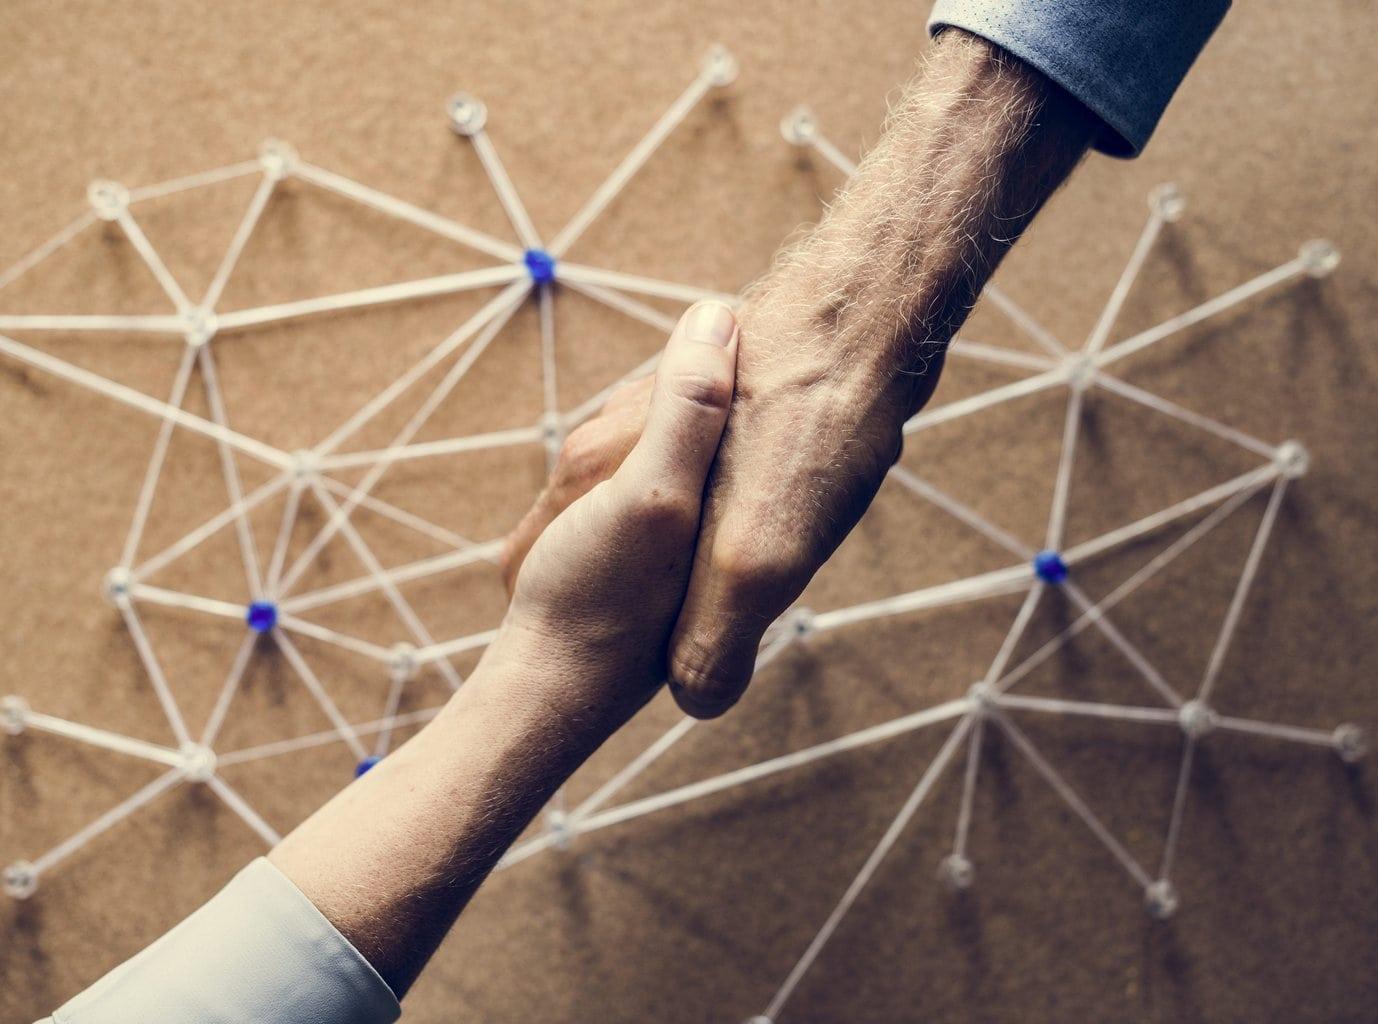 ruilhandel bartering handshake